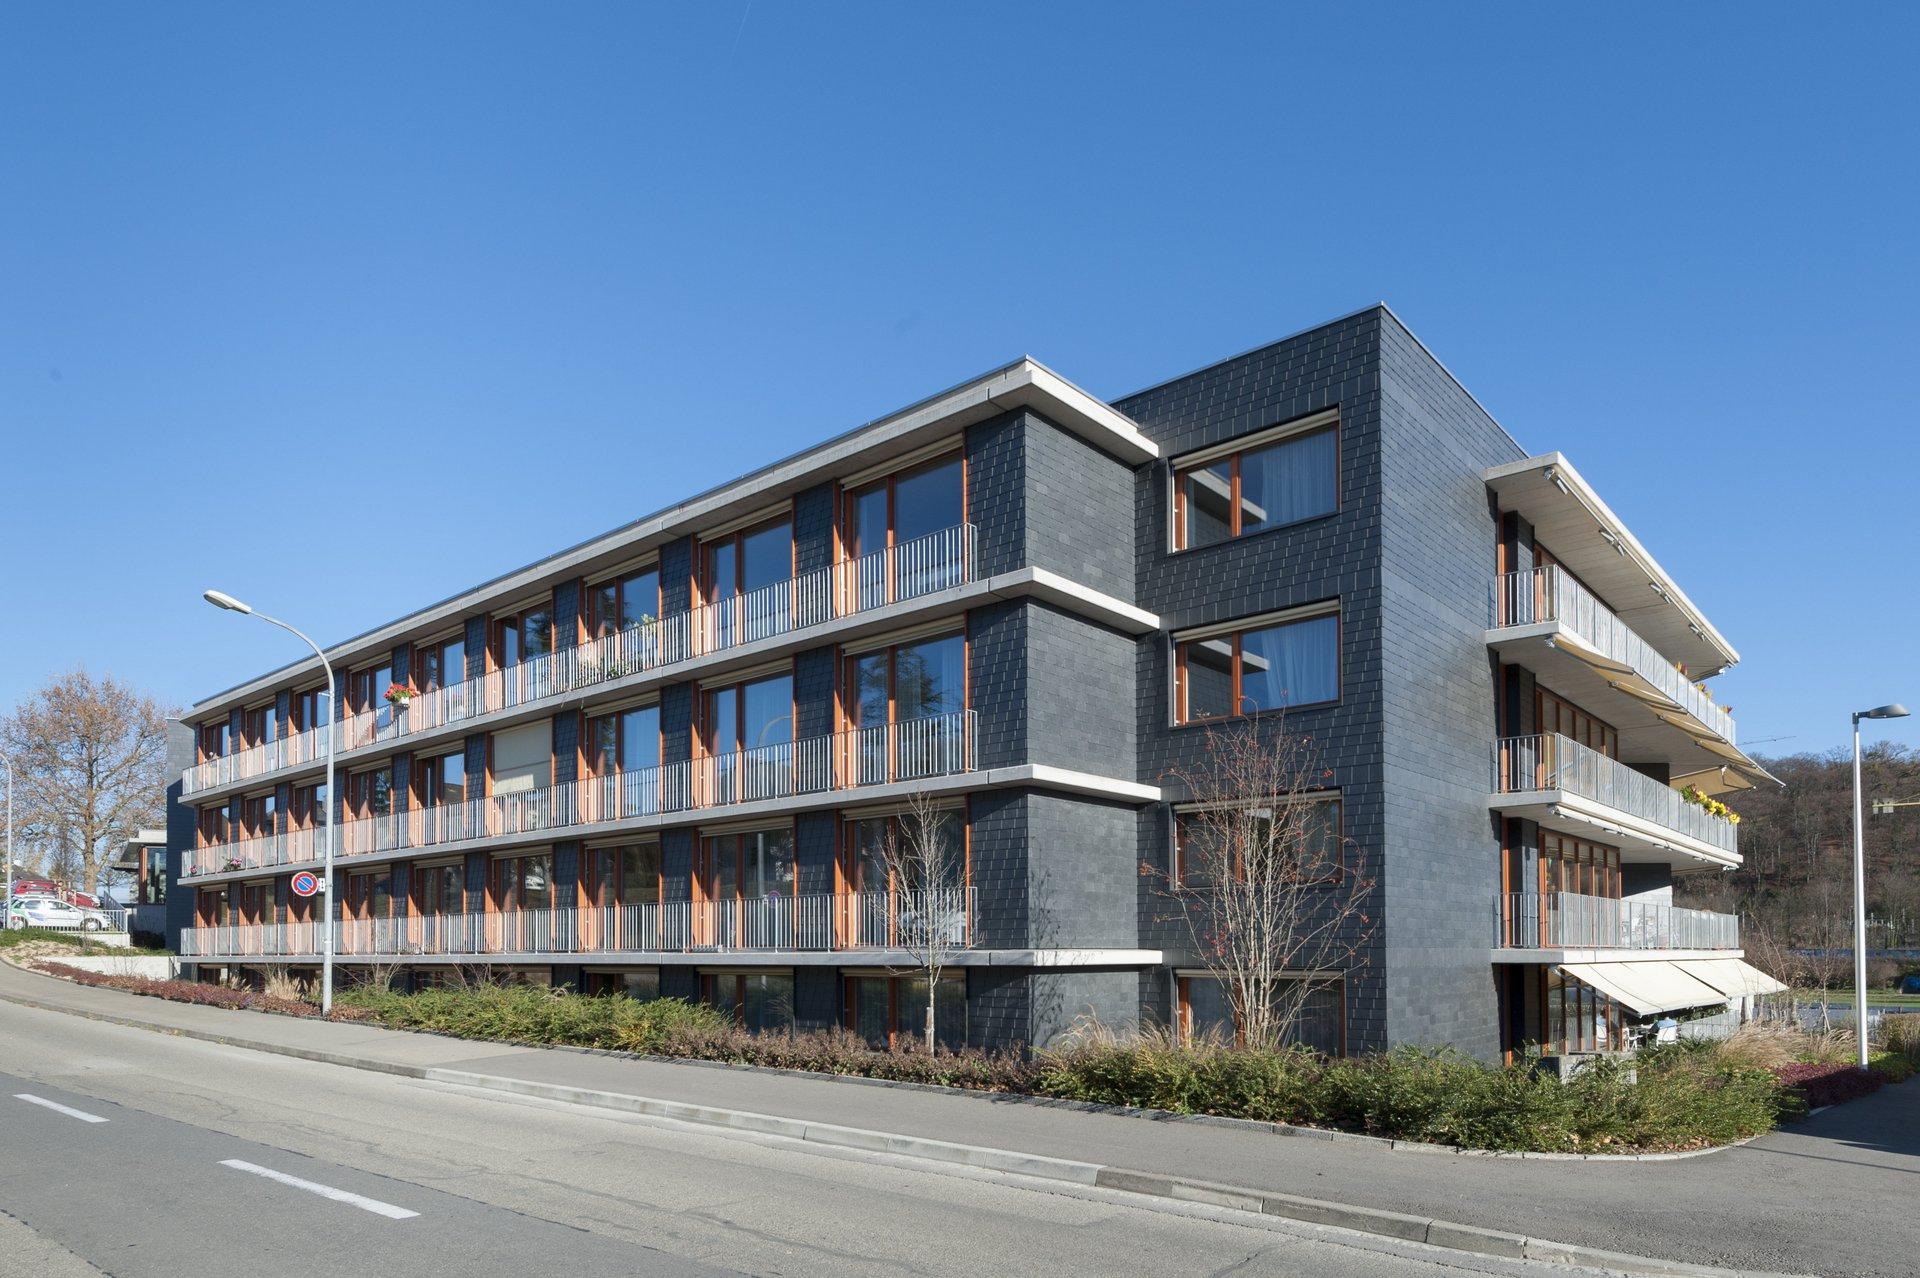 Mehrgeschossiges Wohngebäude mit gleichmässiger Fensteranordnung in Naturholz